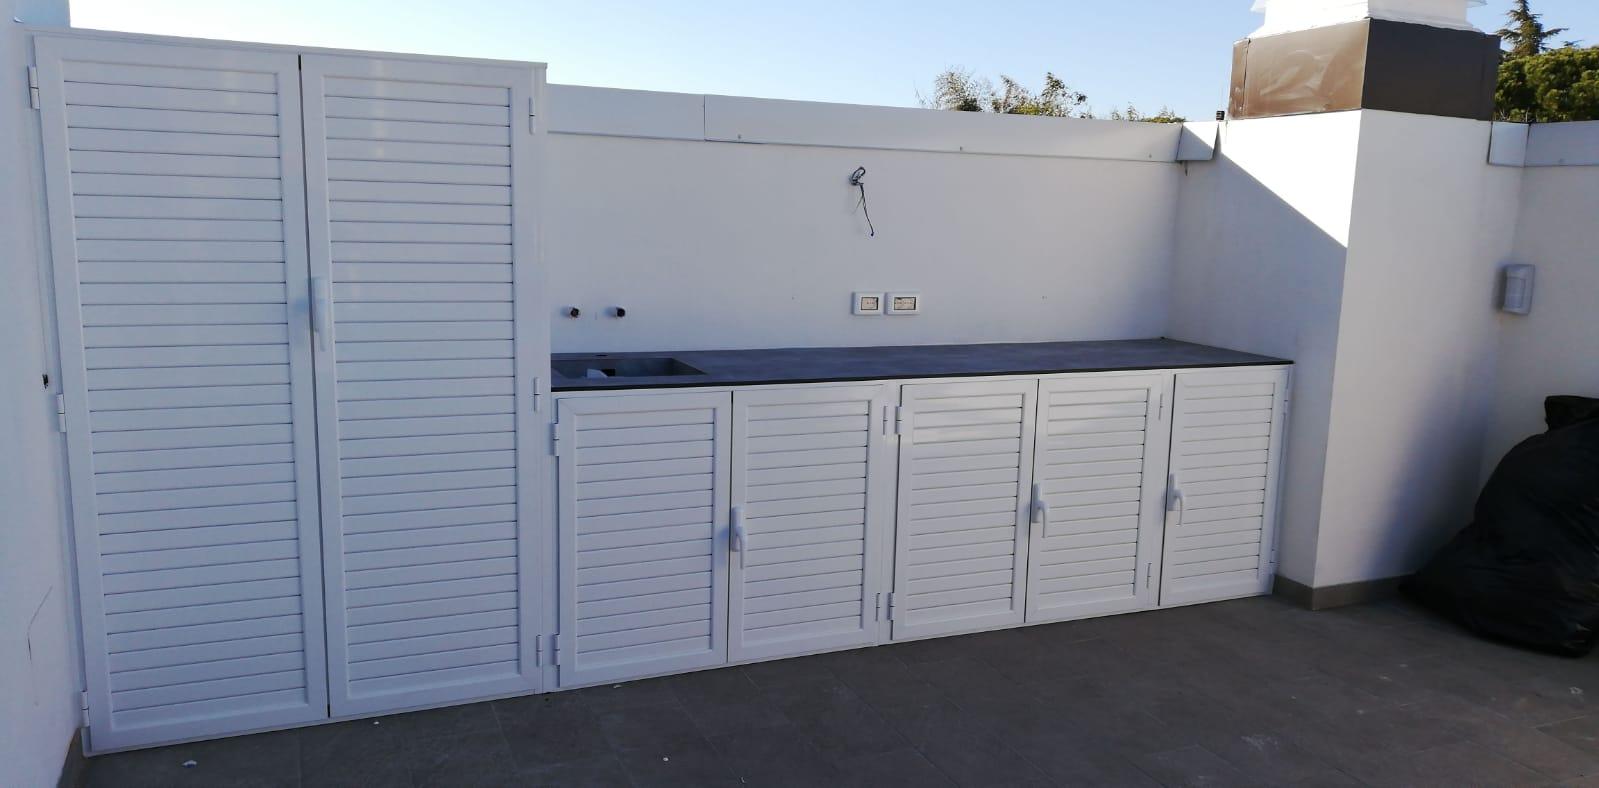 Fotografia di armadio in alluminio bianco Ral 9010 a doghe chiuse con parte bassa con top stratificato HPL con vasca integrata.